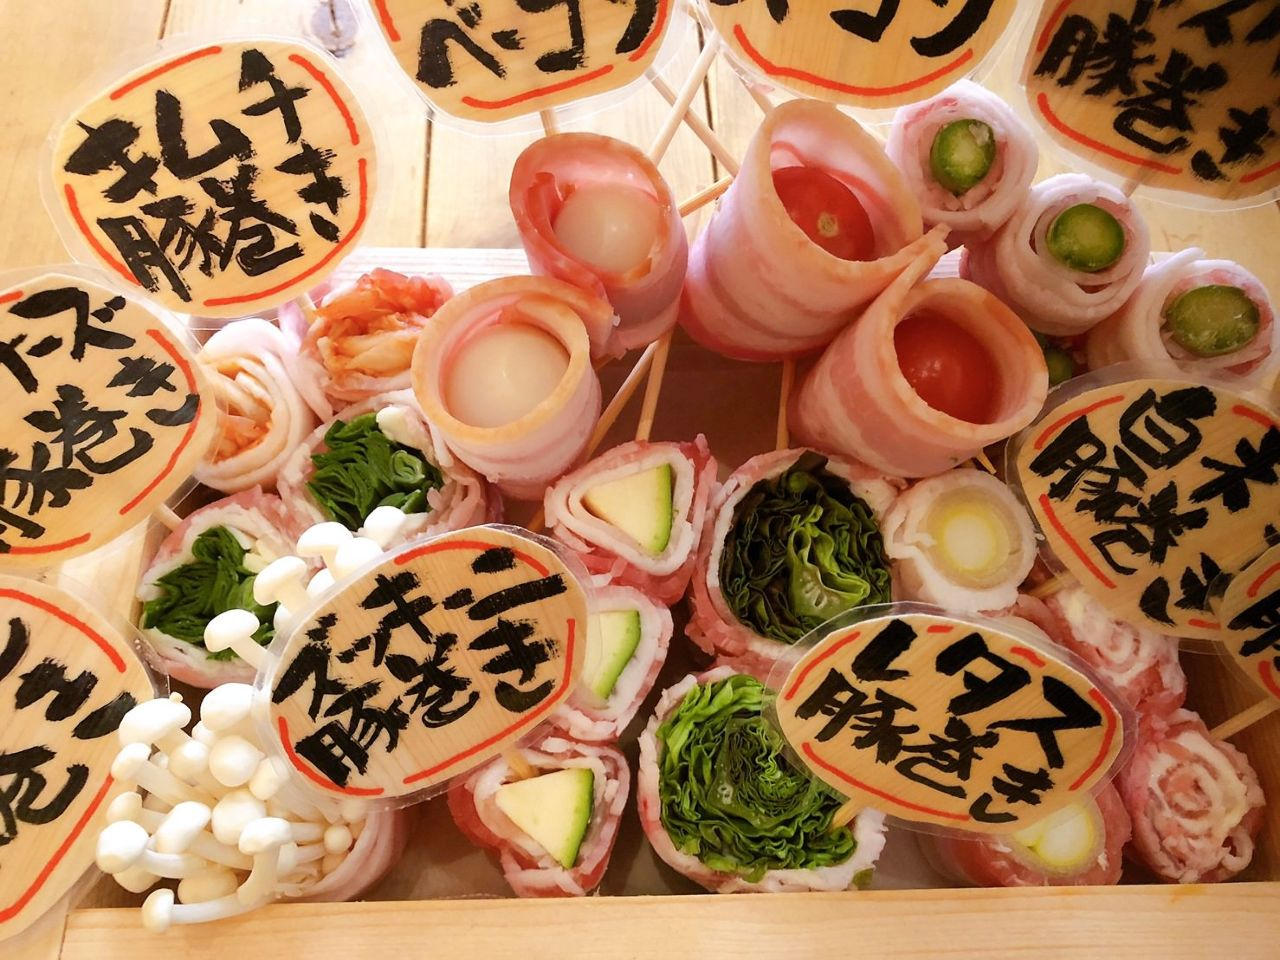 野菜肉巻きと博多もつ鍋 金太郎 五位堂駅前店